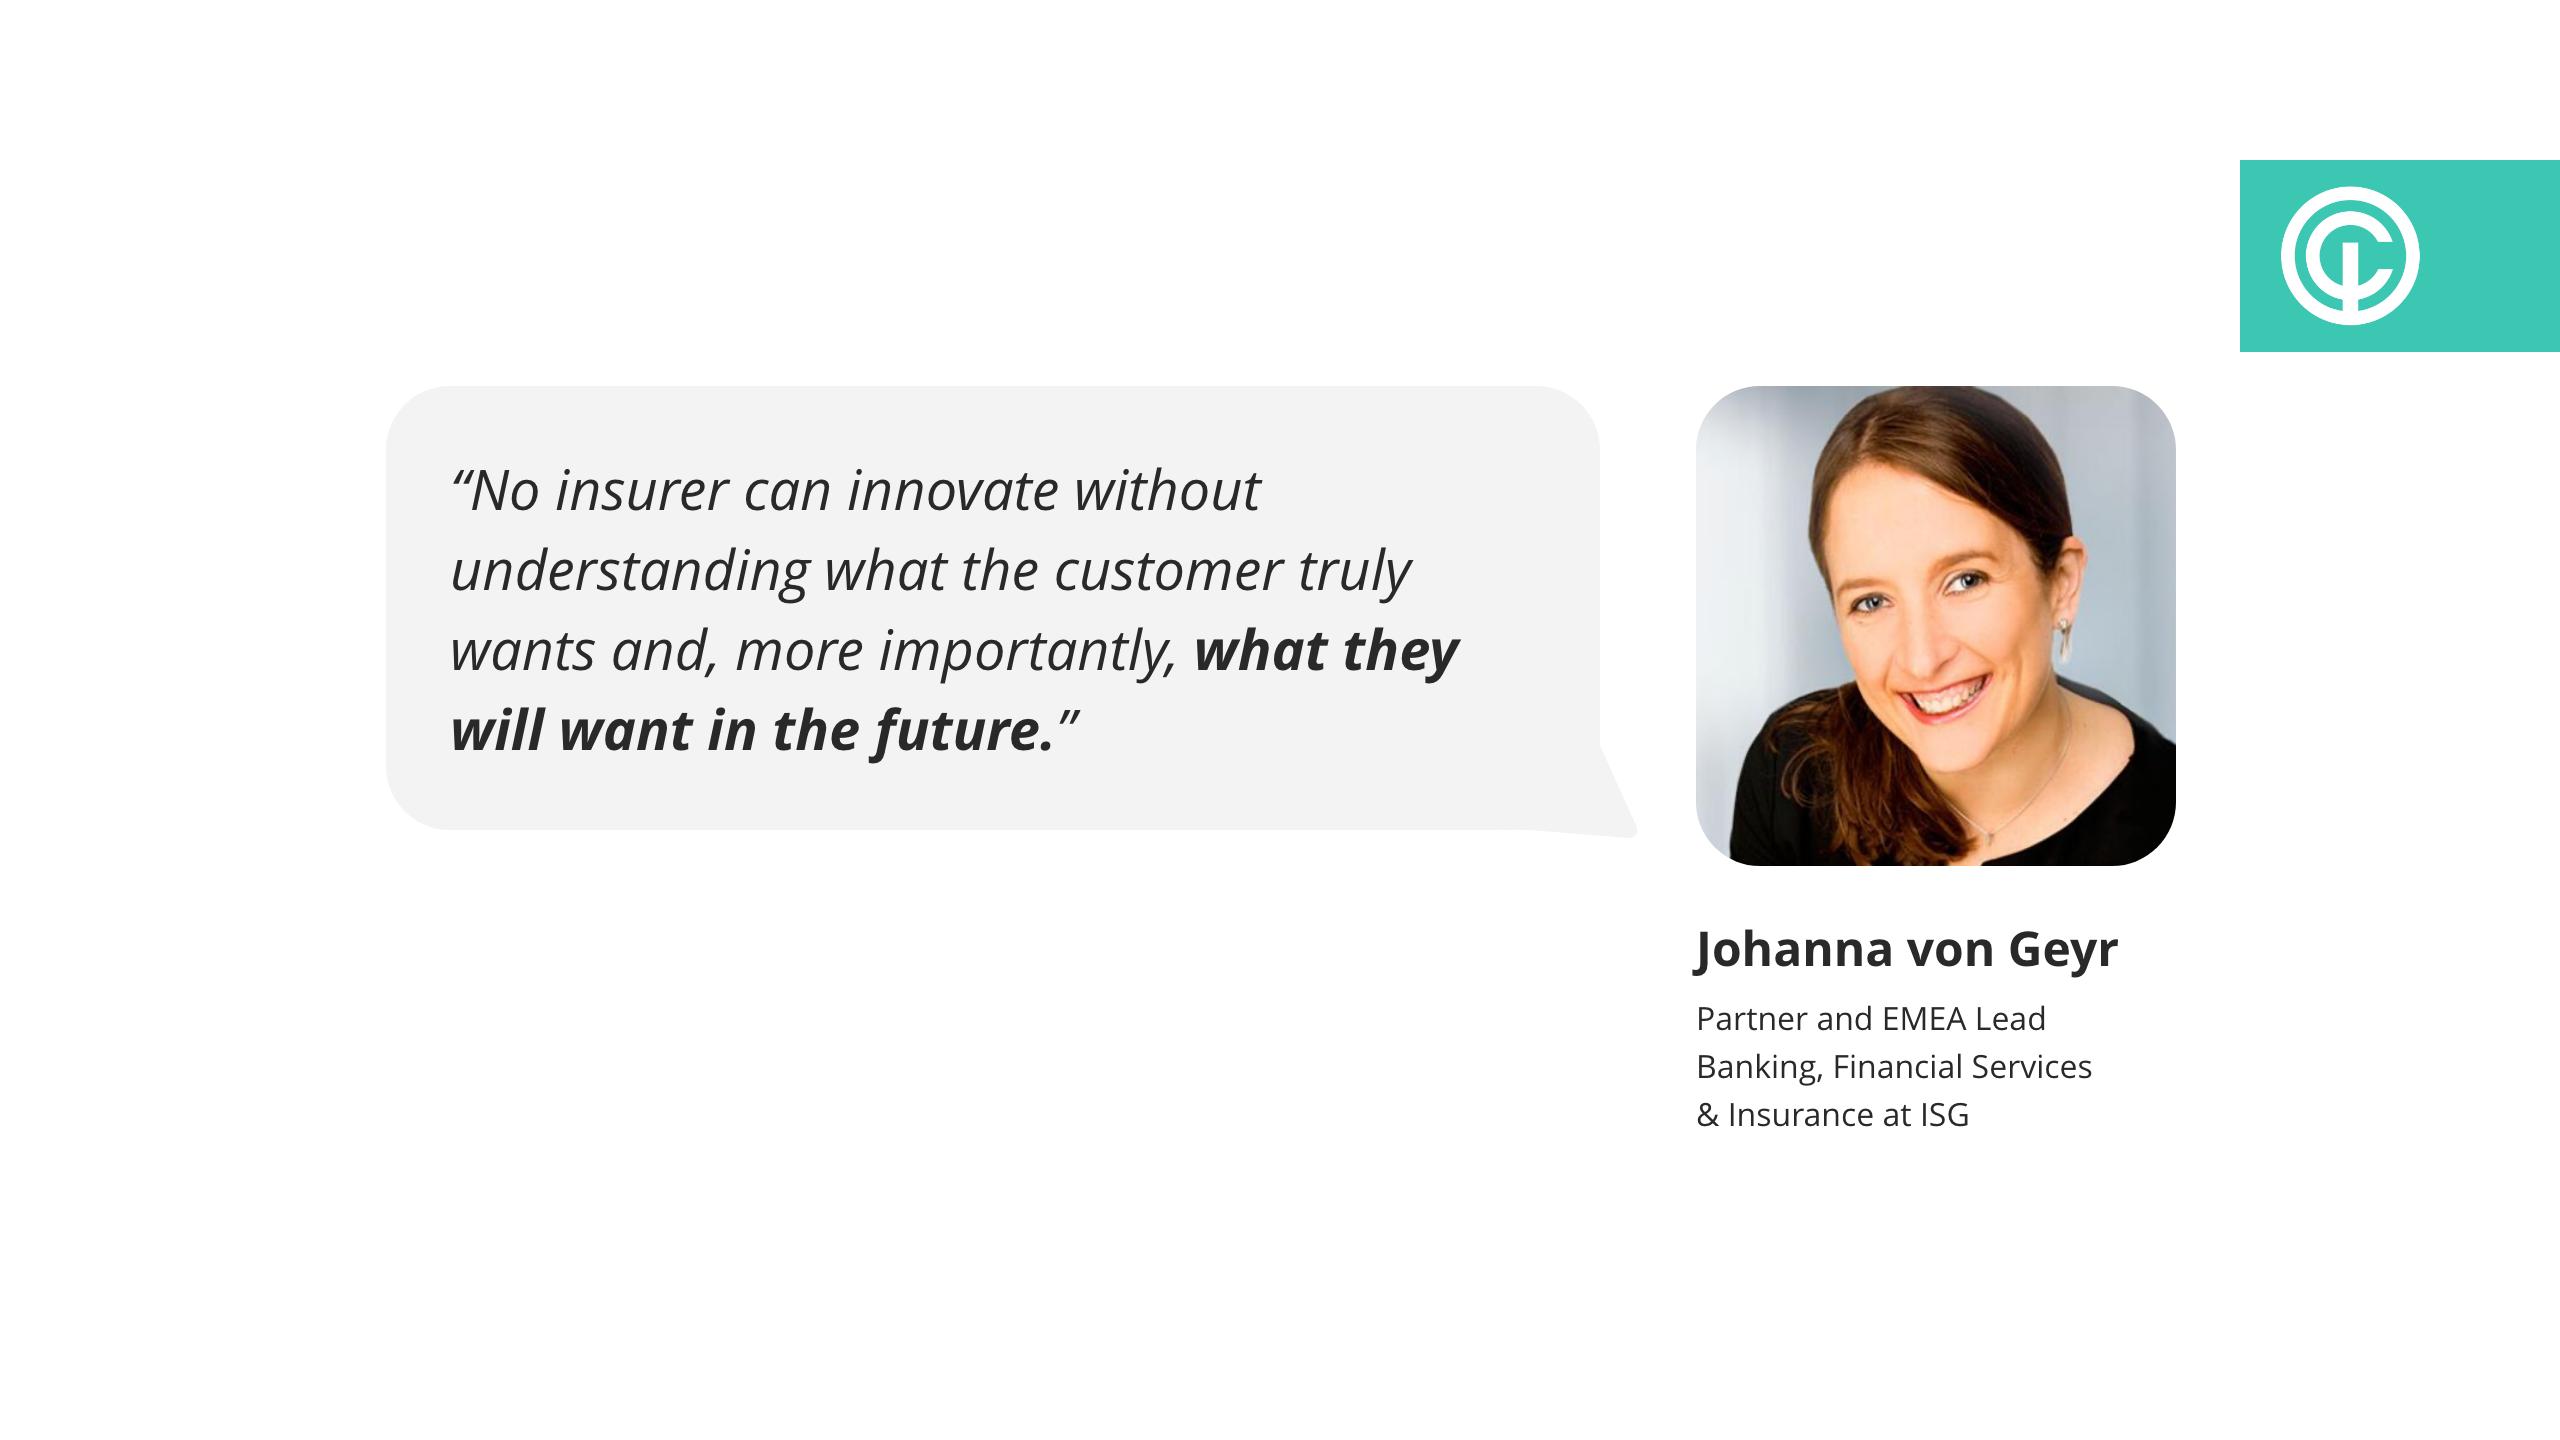 quote from johanna von geyr